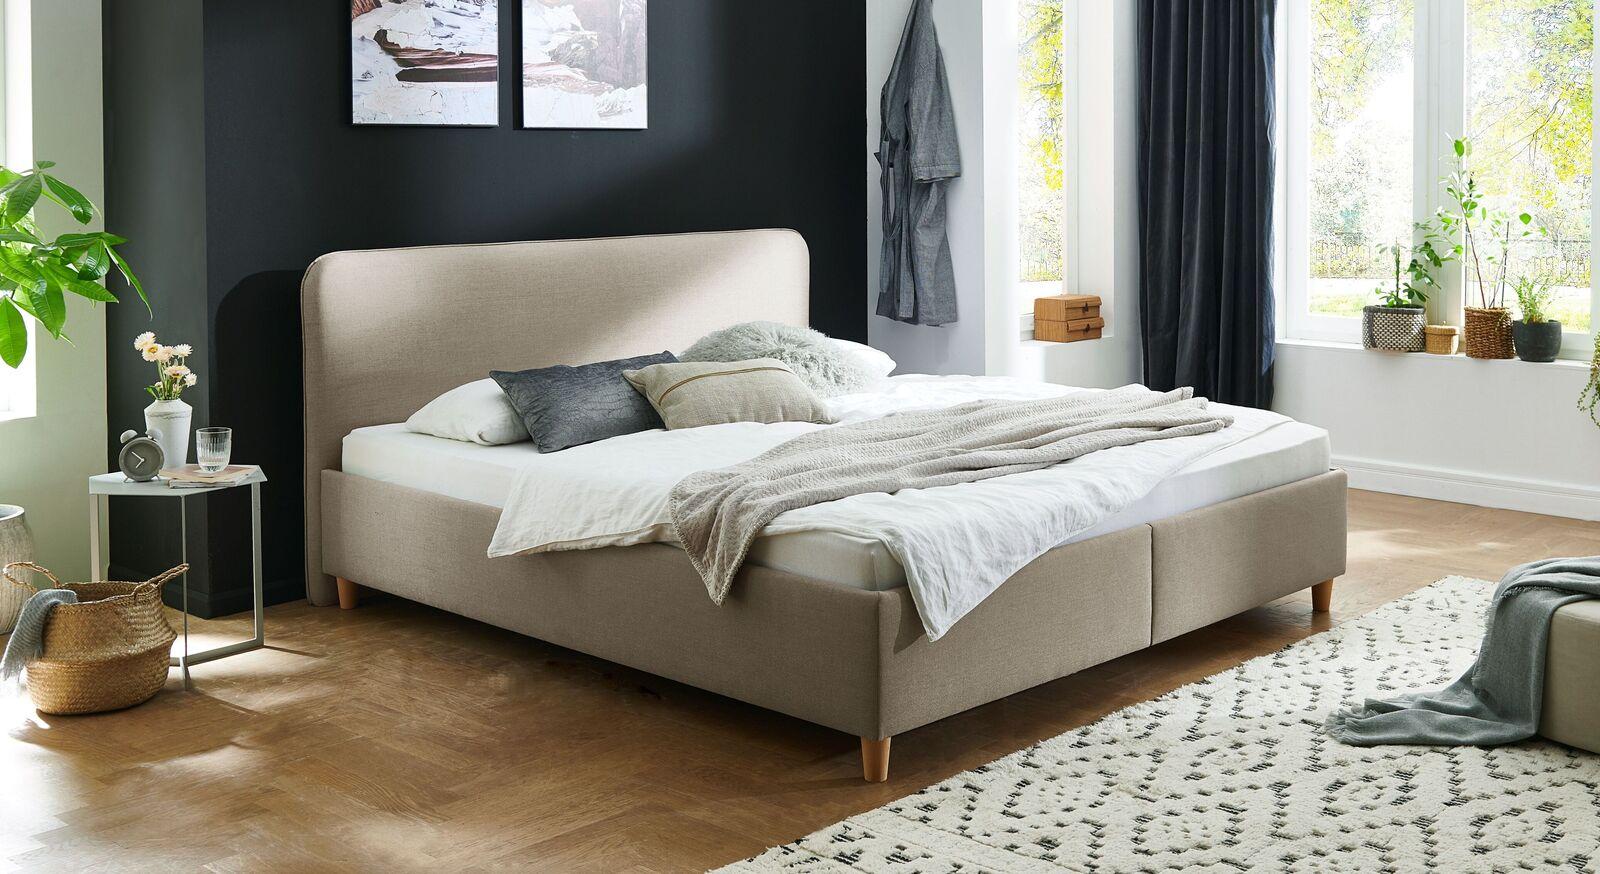 Bett Kannur mit hochwertigem Webstoff in Taupe